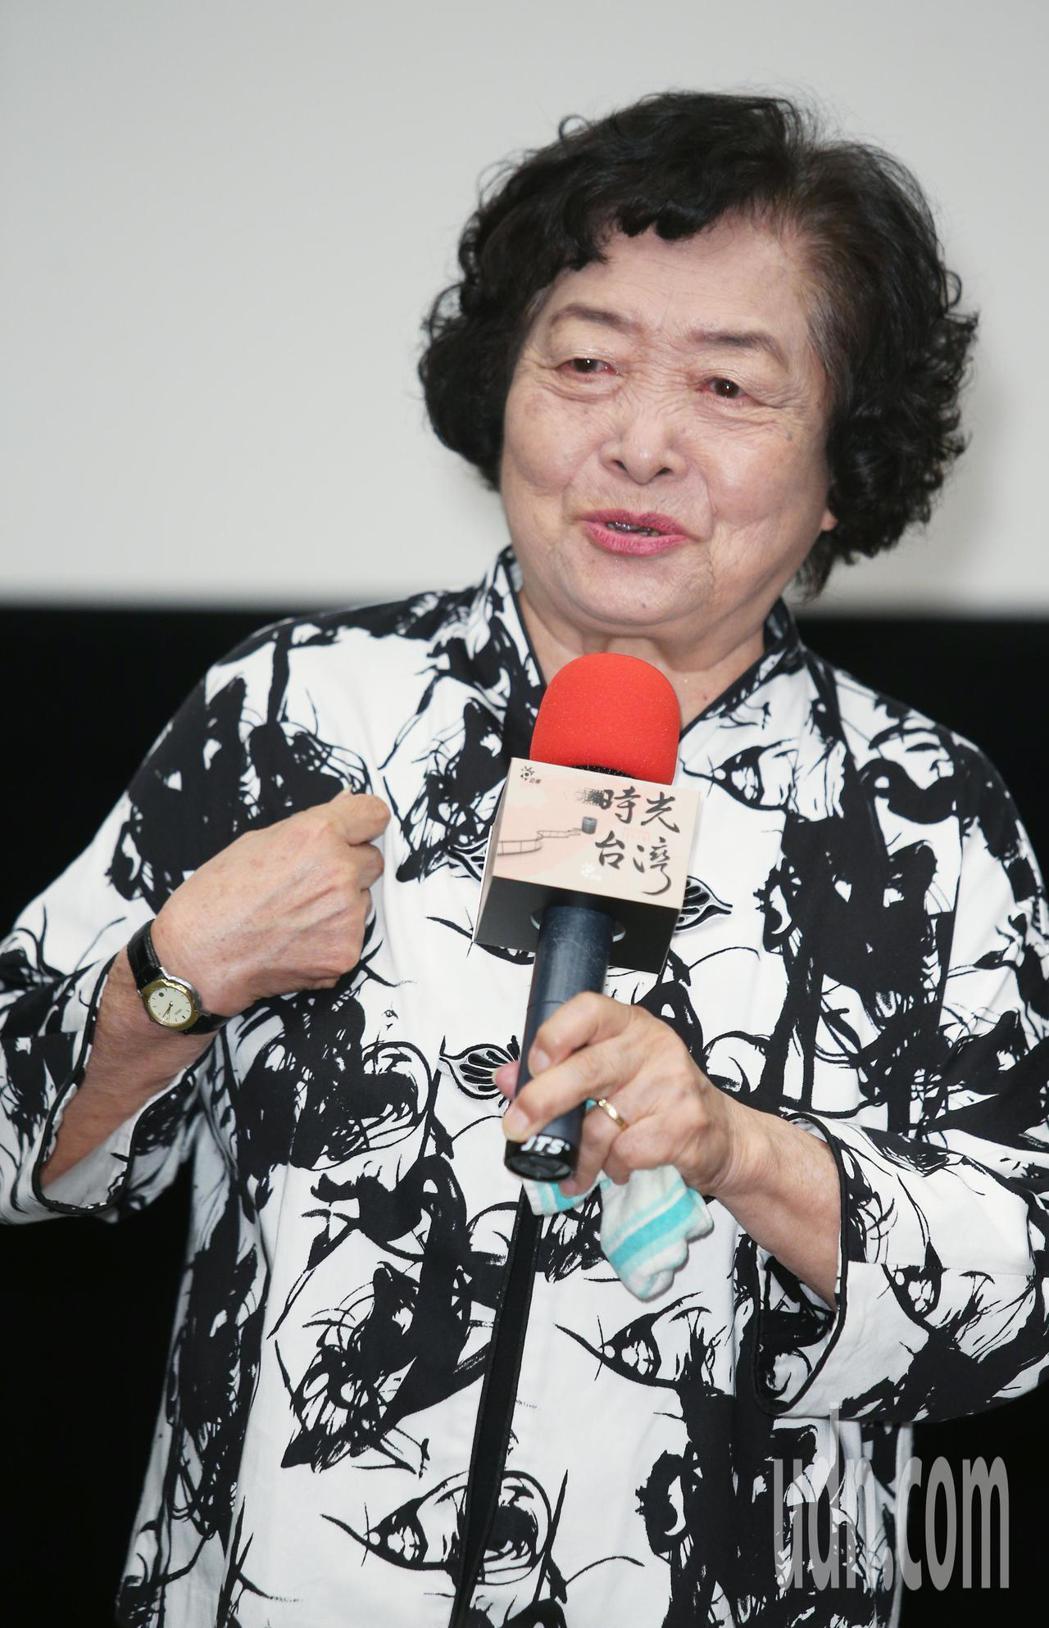 「時光台灣」紀錄短片首映會,演員劉引商出席。記者陳正興/攝影